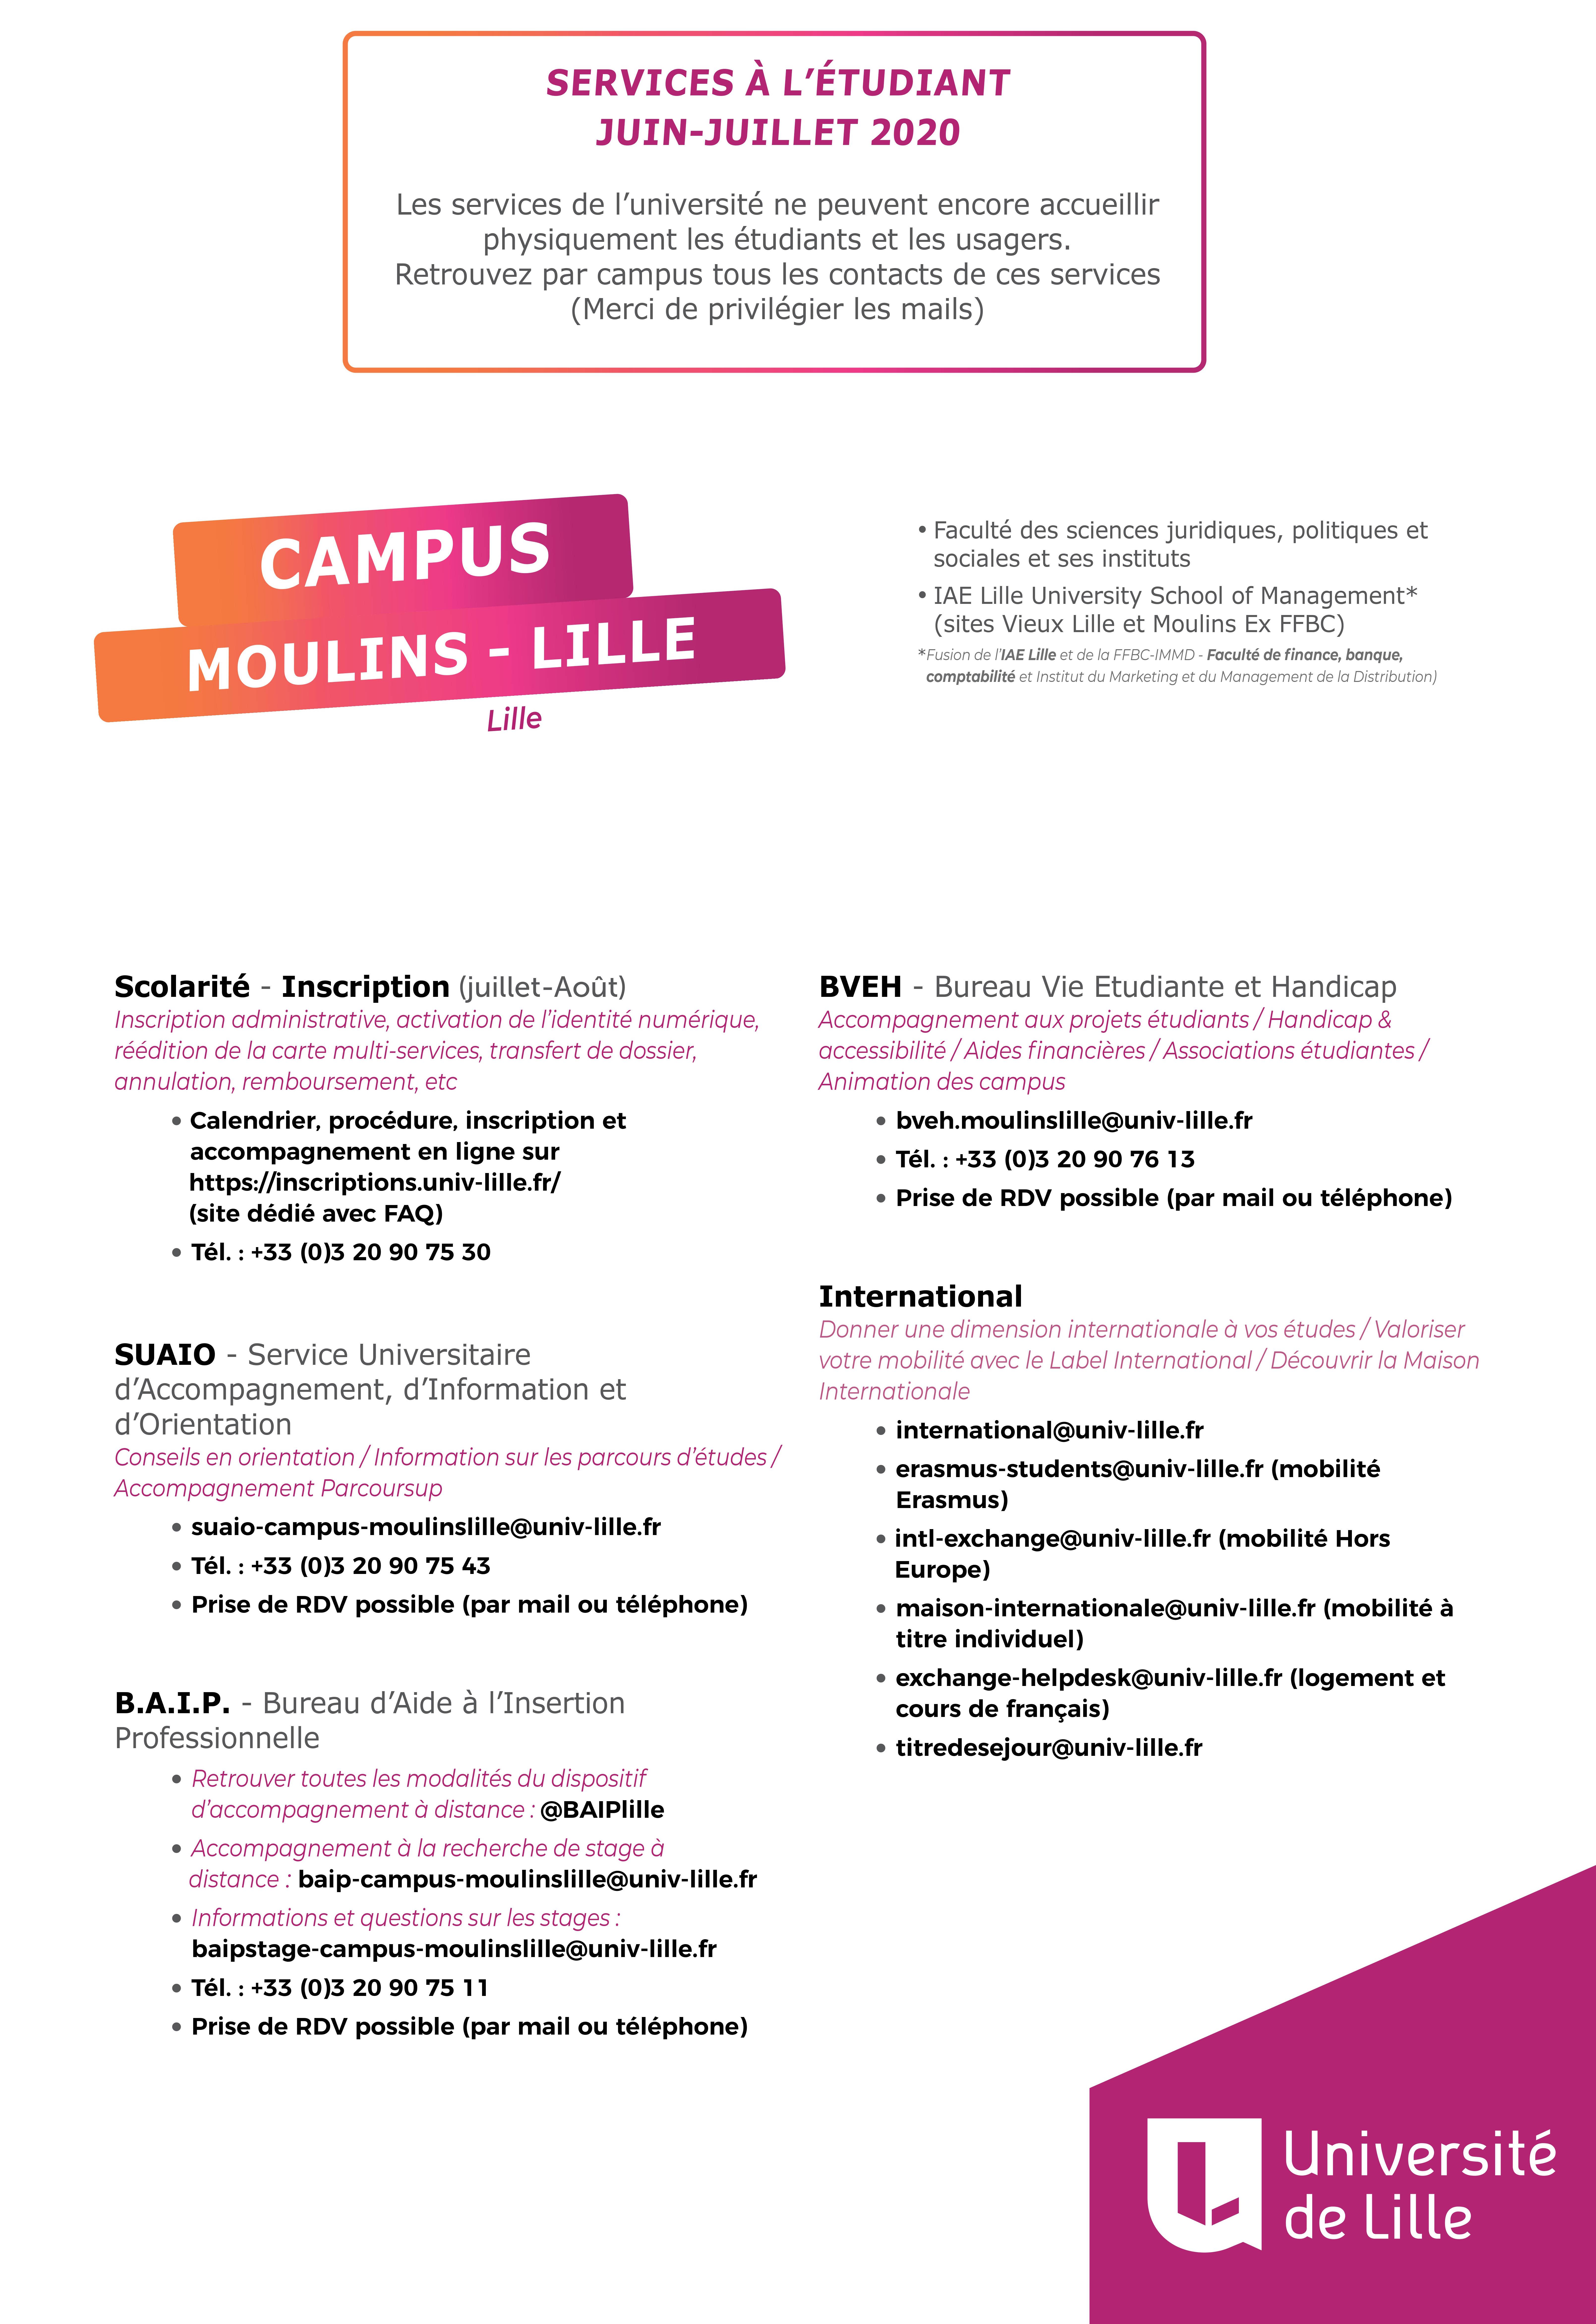 Calendrier Universitaire Lille 3 2021 Les dates d'inscriptions pour l'année 2020 2021   Faculté des